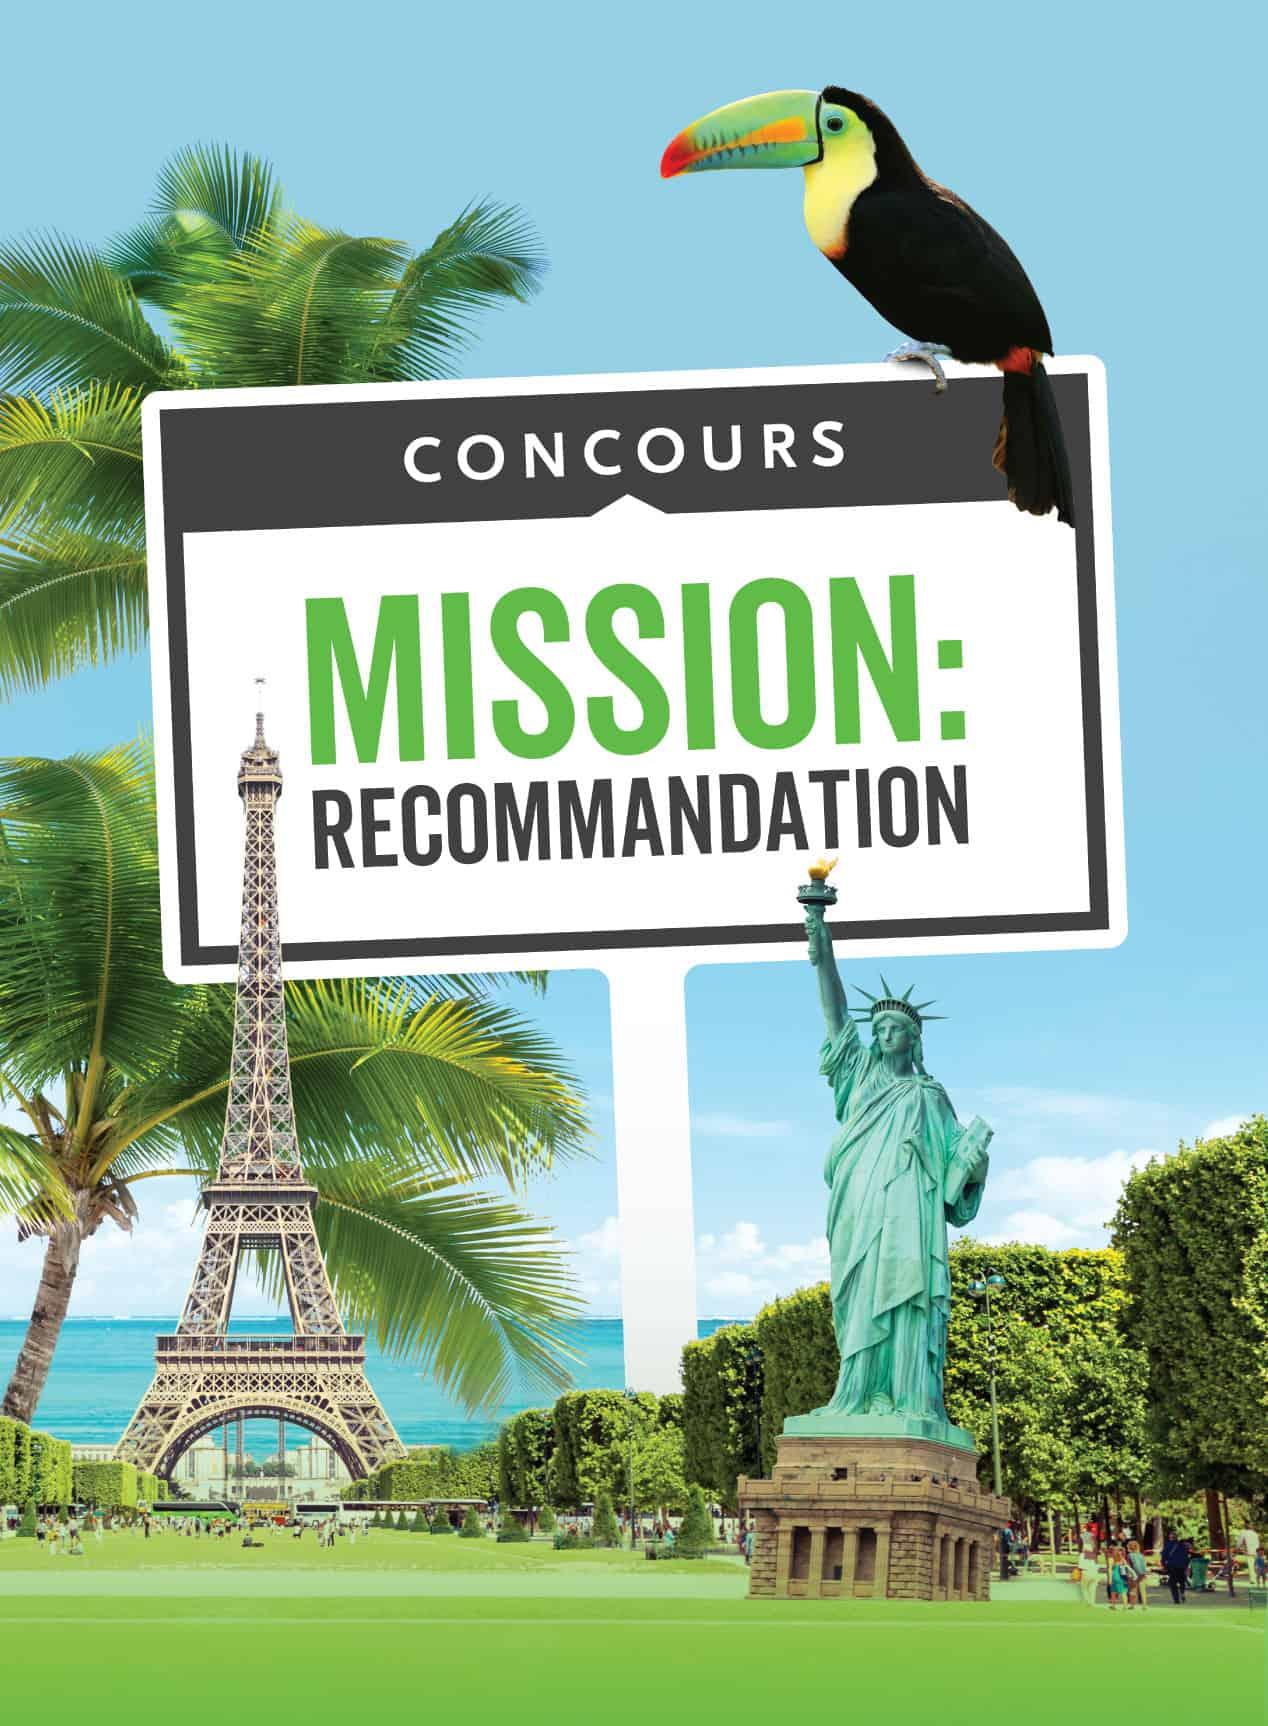 MlleRouge_EquipeCaron_Mission_Visuel